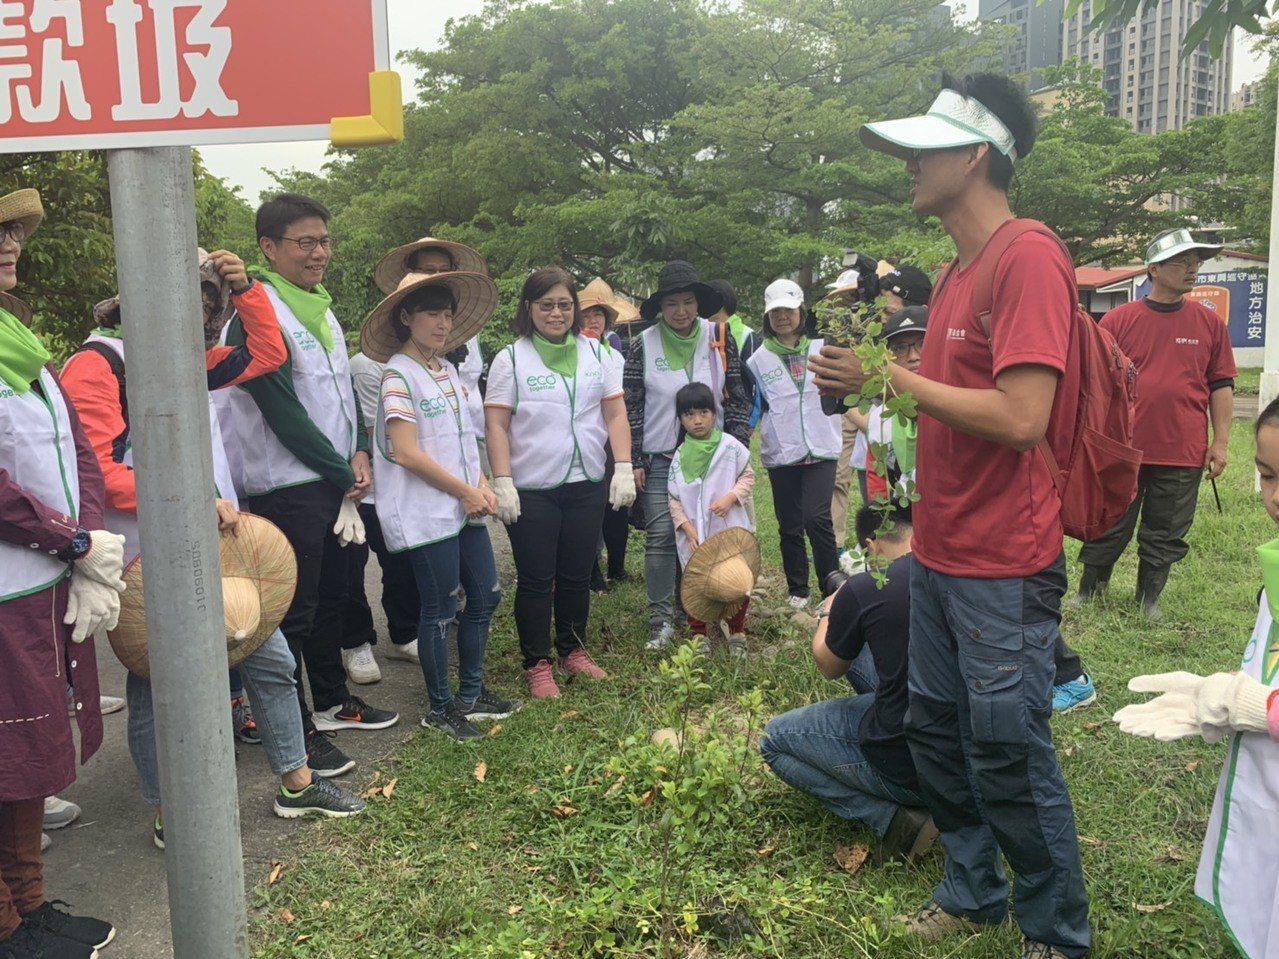 現場參與的民眾,在梧桐基金會經過國際認鎮的樹藝師帶領下,一起種植地被植物「蔓花生...